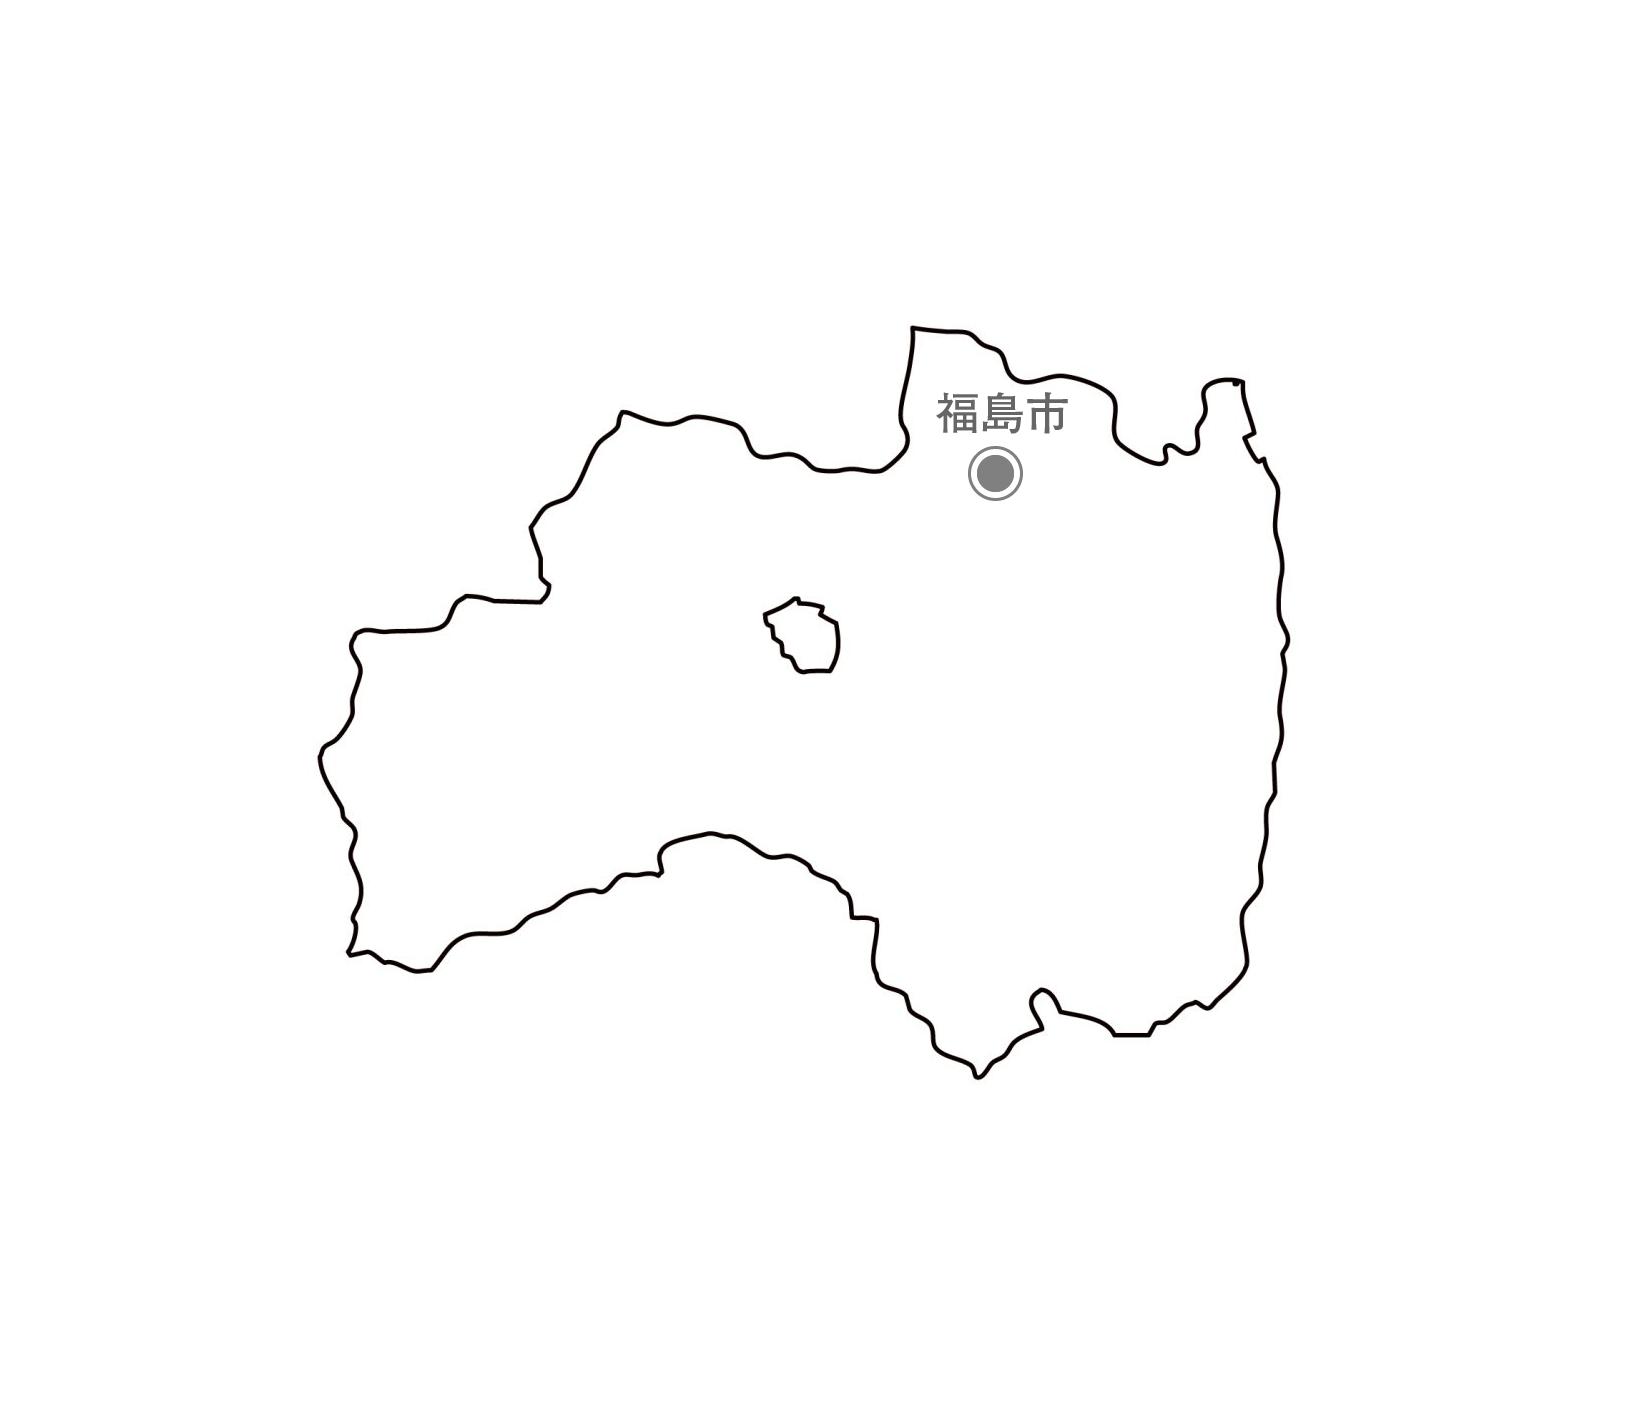 [白地図]福島県・都道府県名・県庁所在地あり